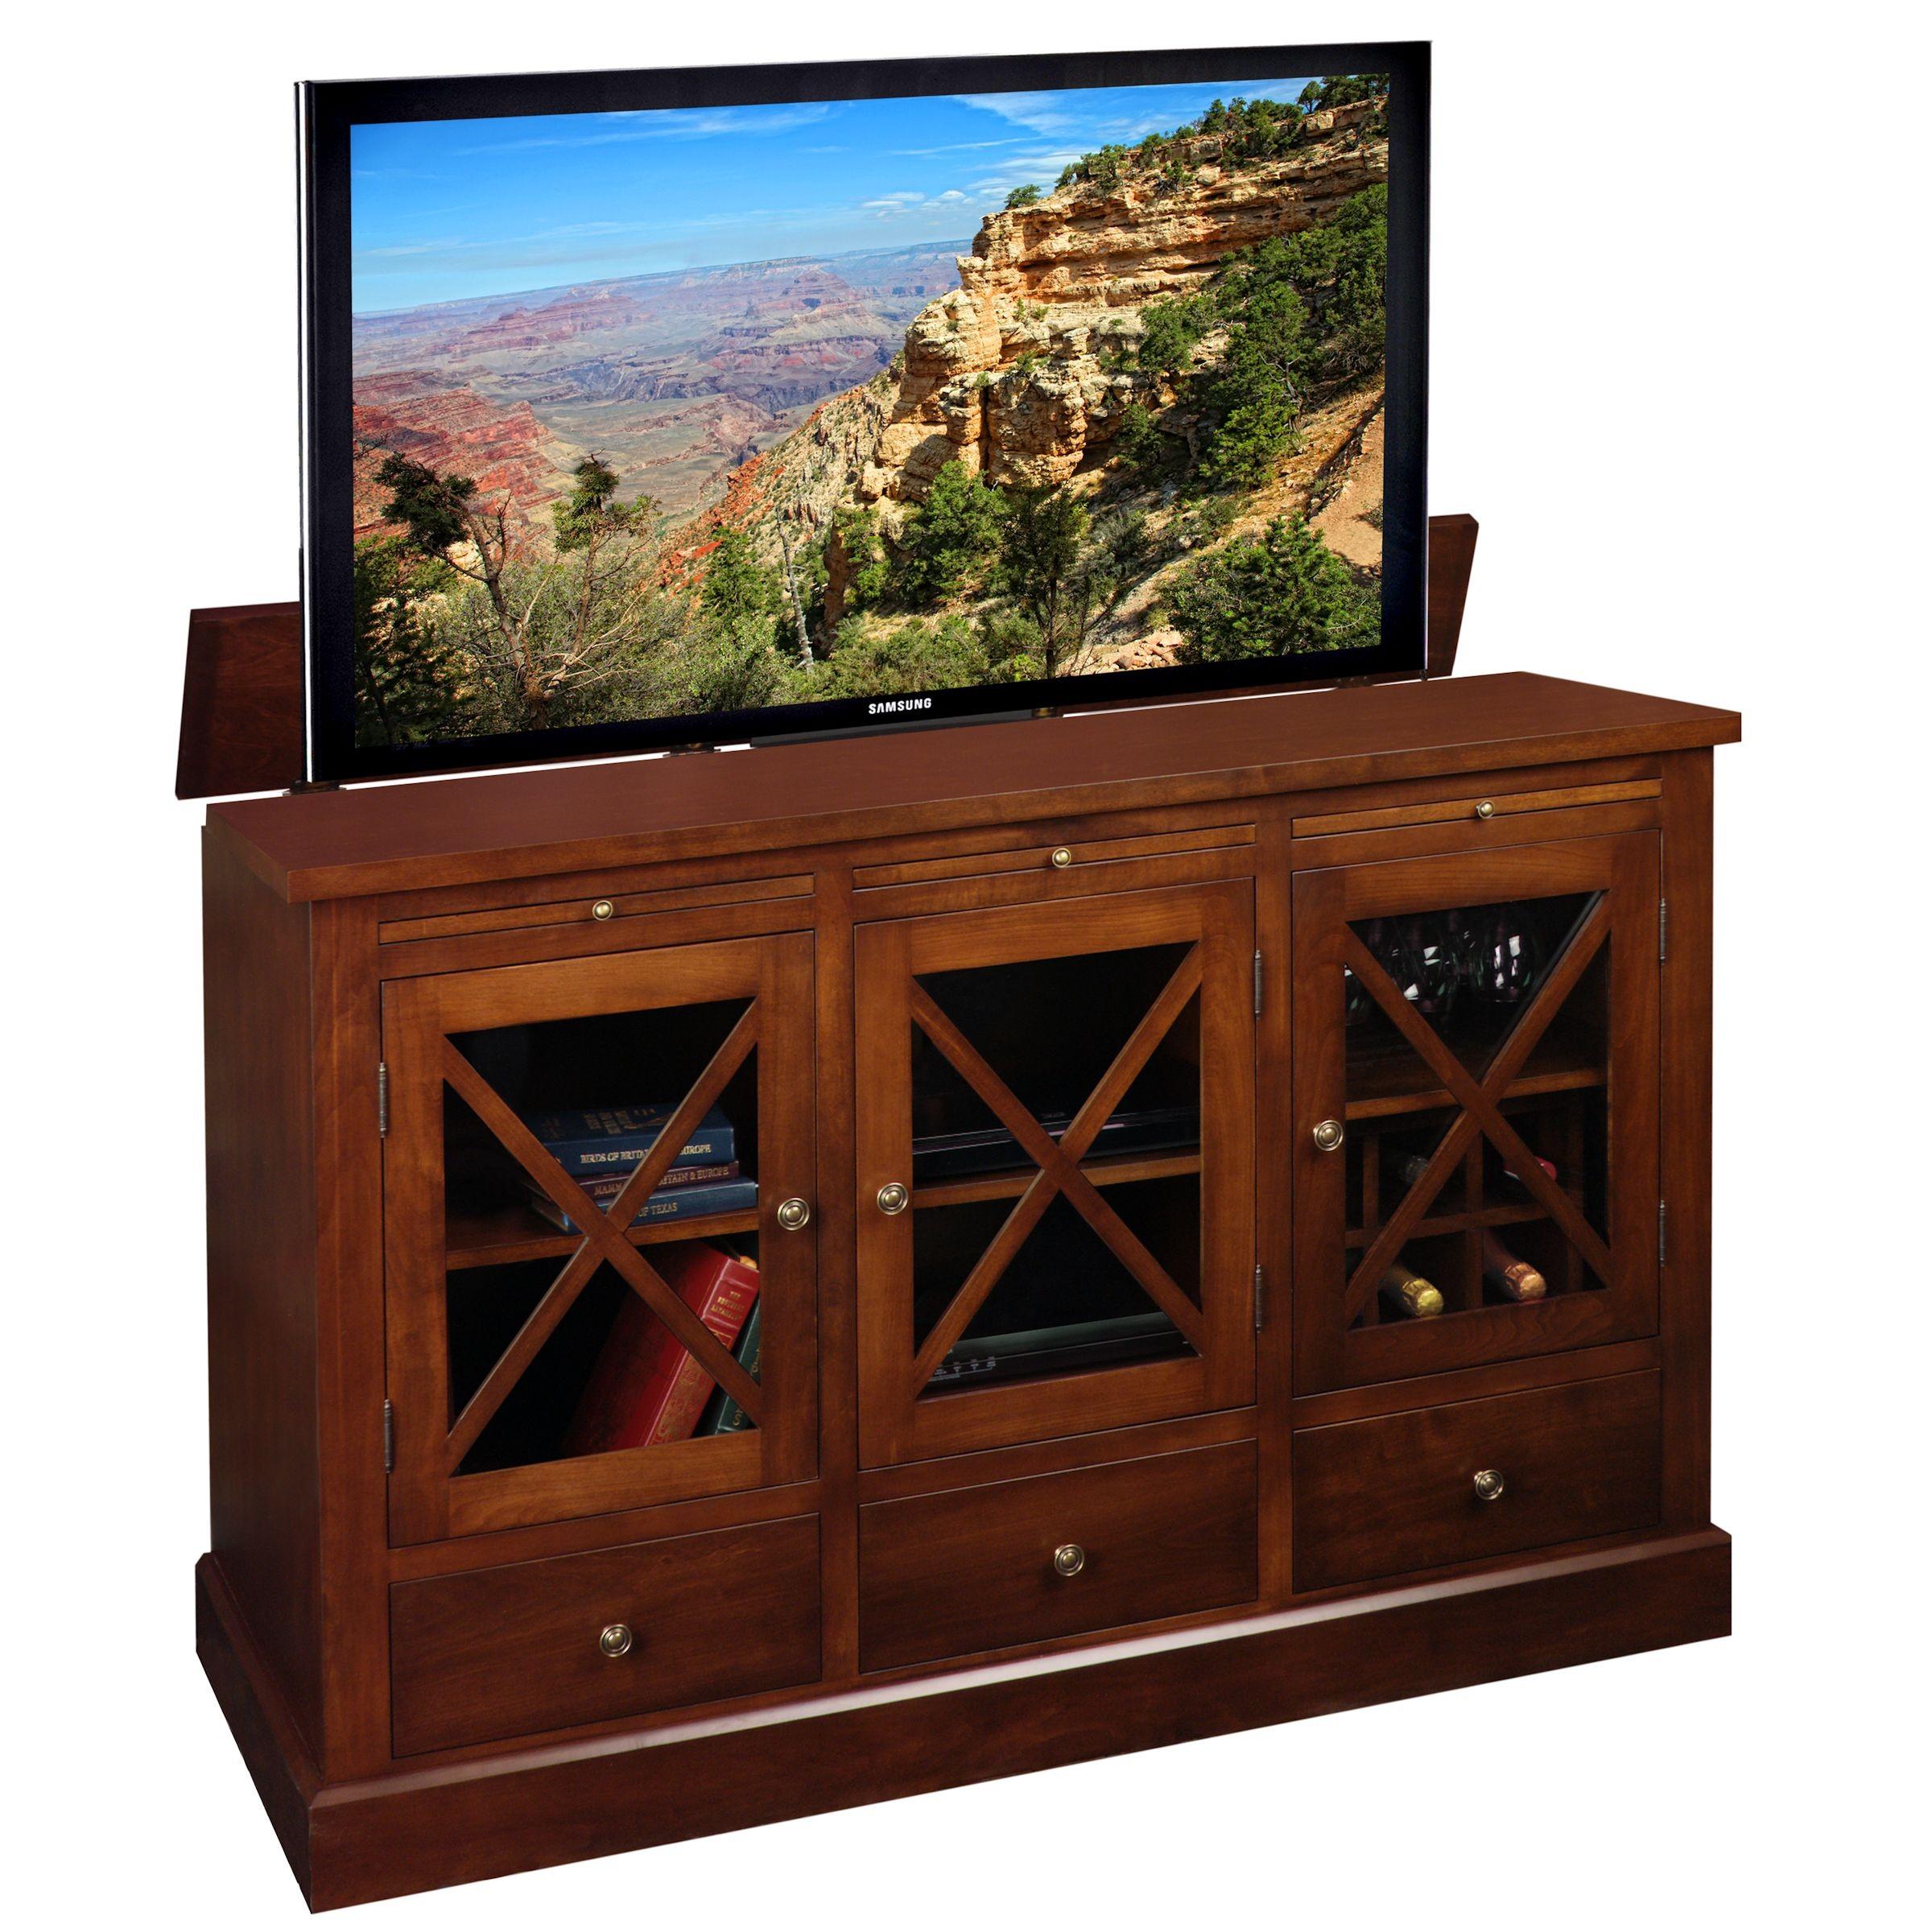 homestead tv lift cabinet. Black Bedroom Furniture Sets. Home Design Ideas